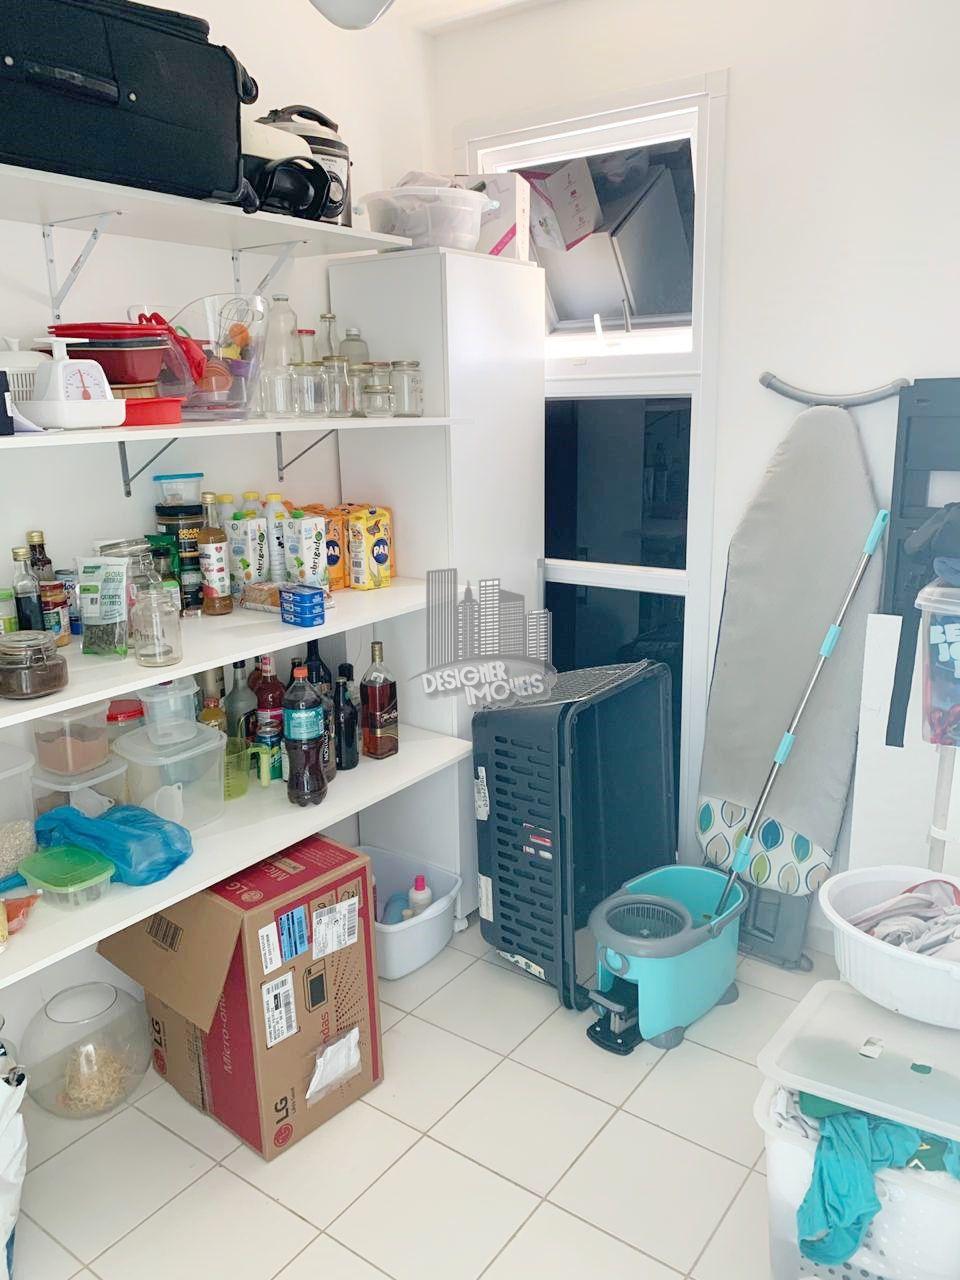 despensa - Apartamento À Venda no Condomínio ESSENCE CONDOMINIUM - Rio de Janeiro - RJ - Jacarepaguá - VRA4021 - 17